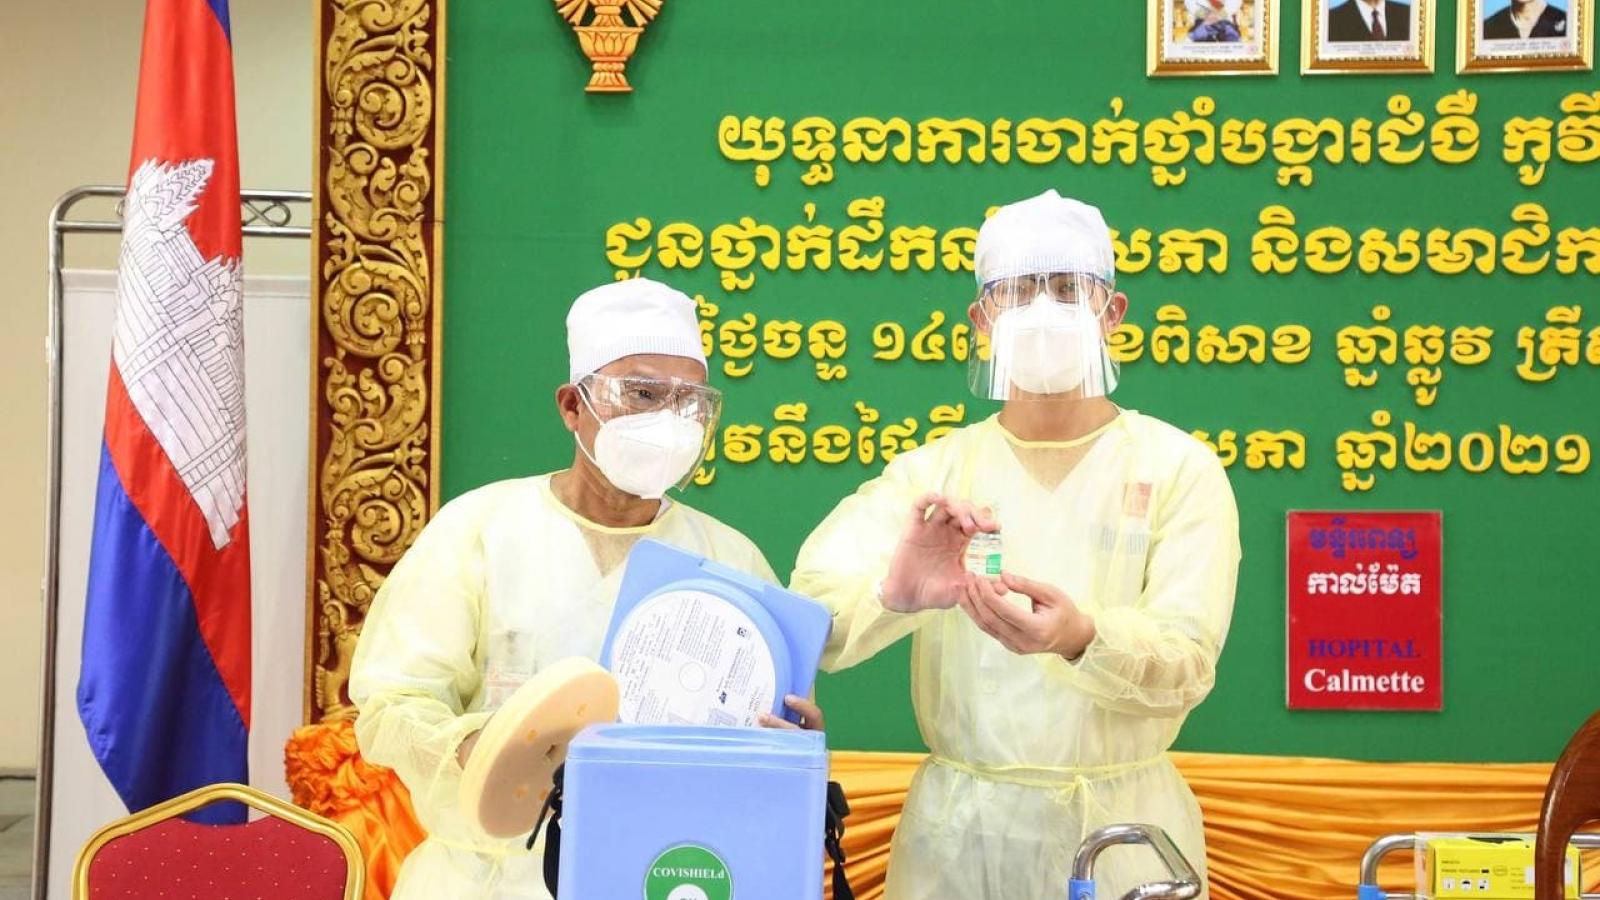 Campuchia có kế hoạch tiêm phòng Covid-19 cho khoảng 10 triệu người vào tháng 11 tới